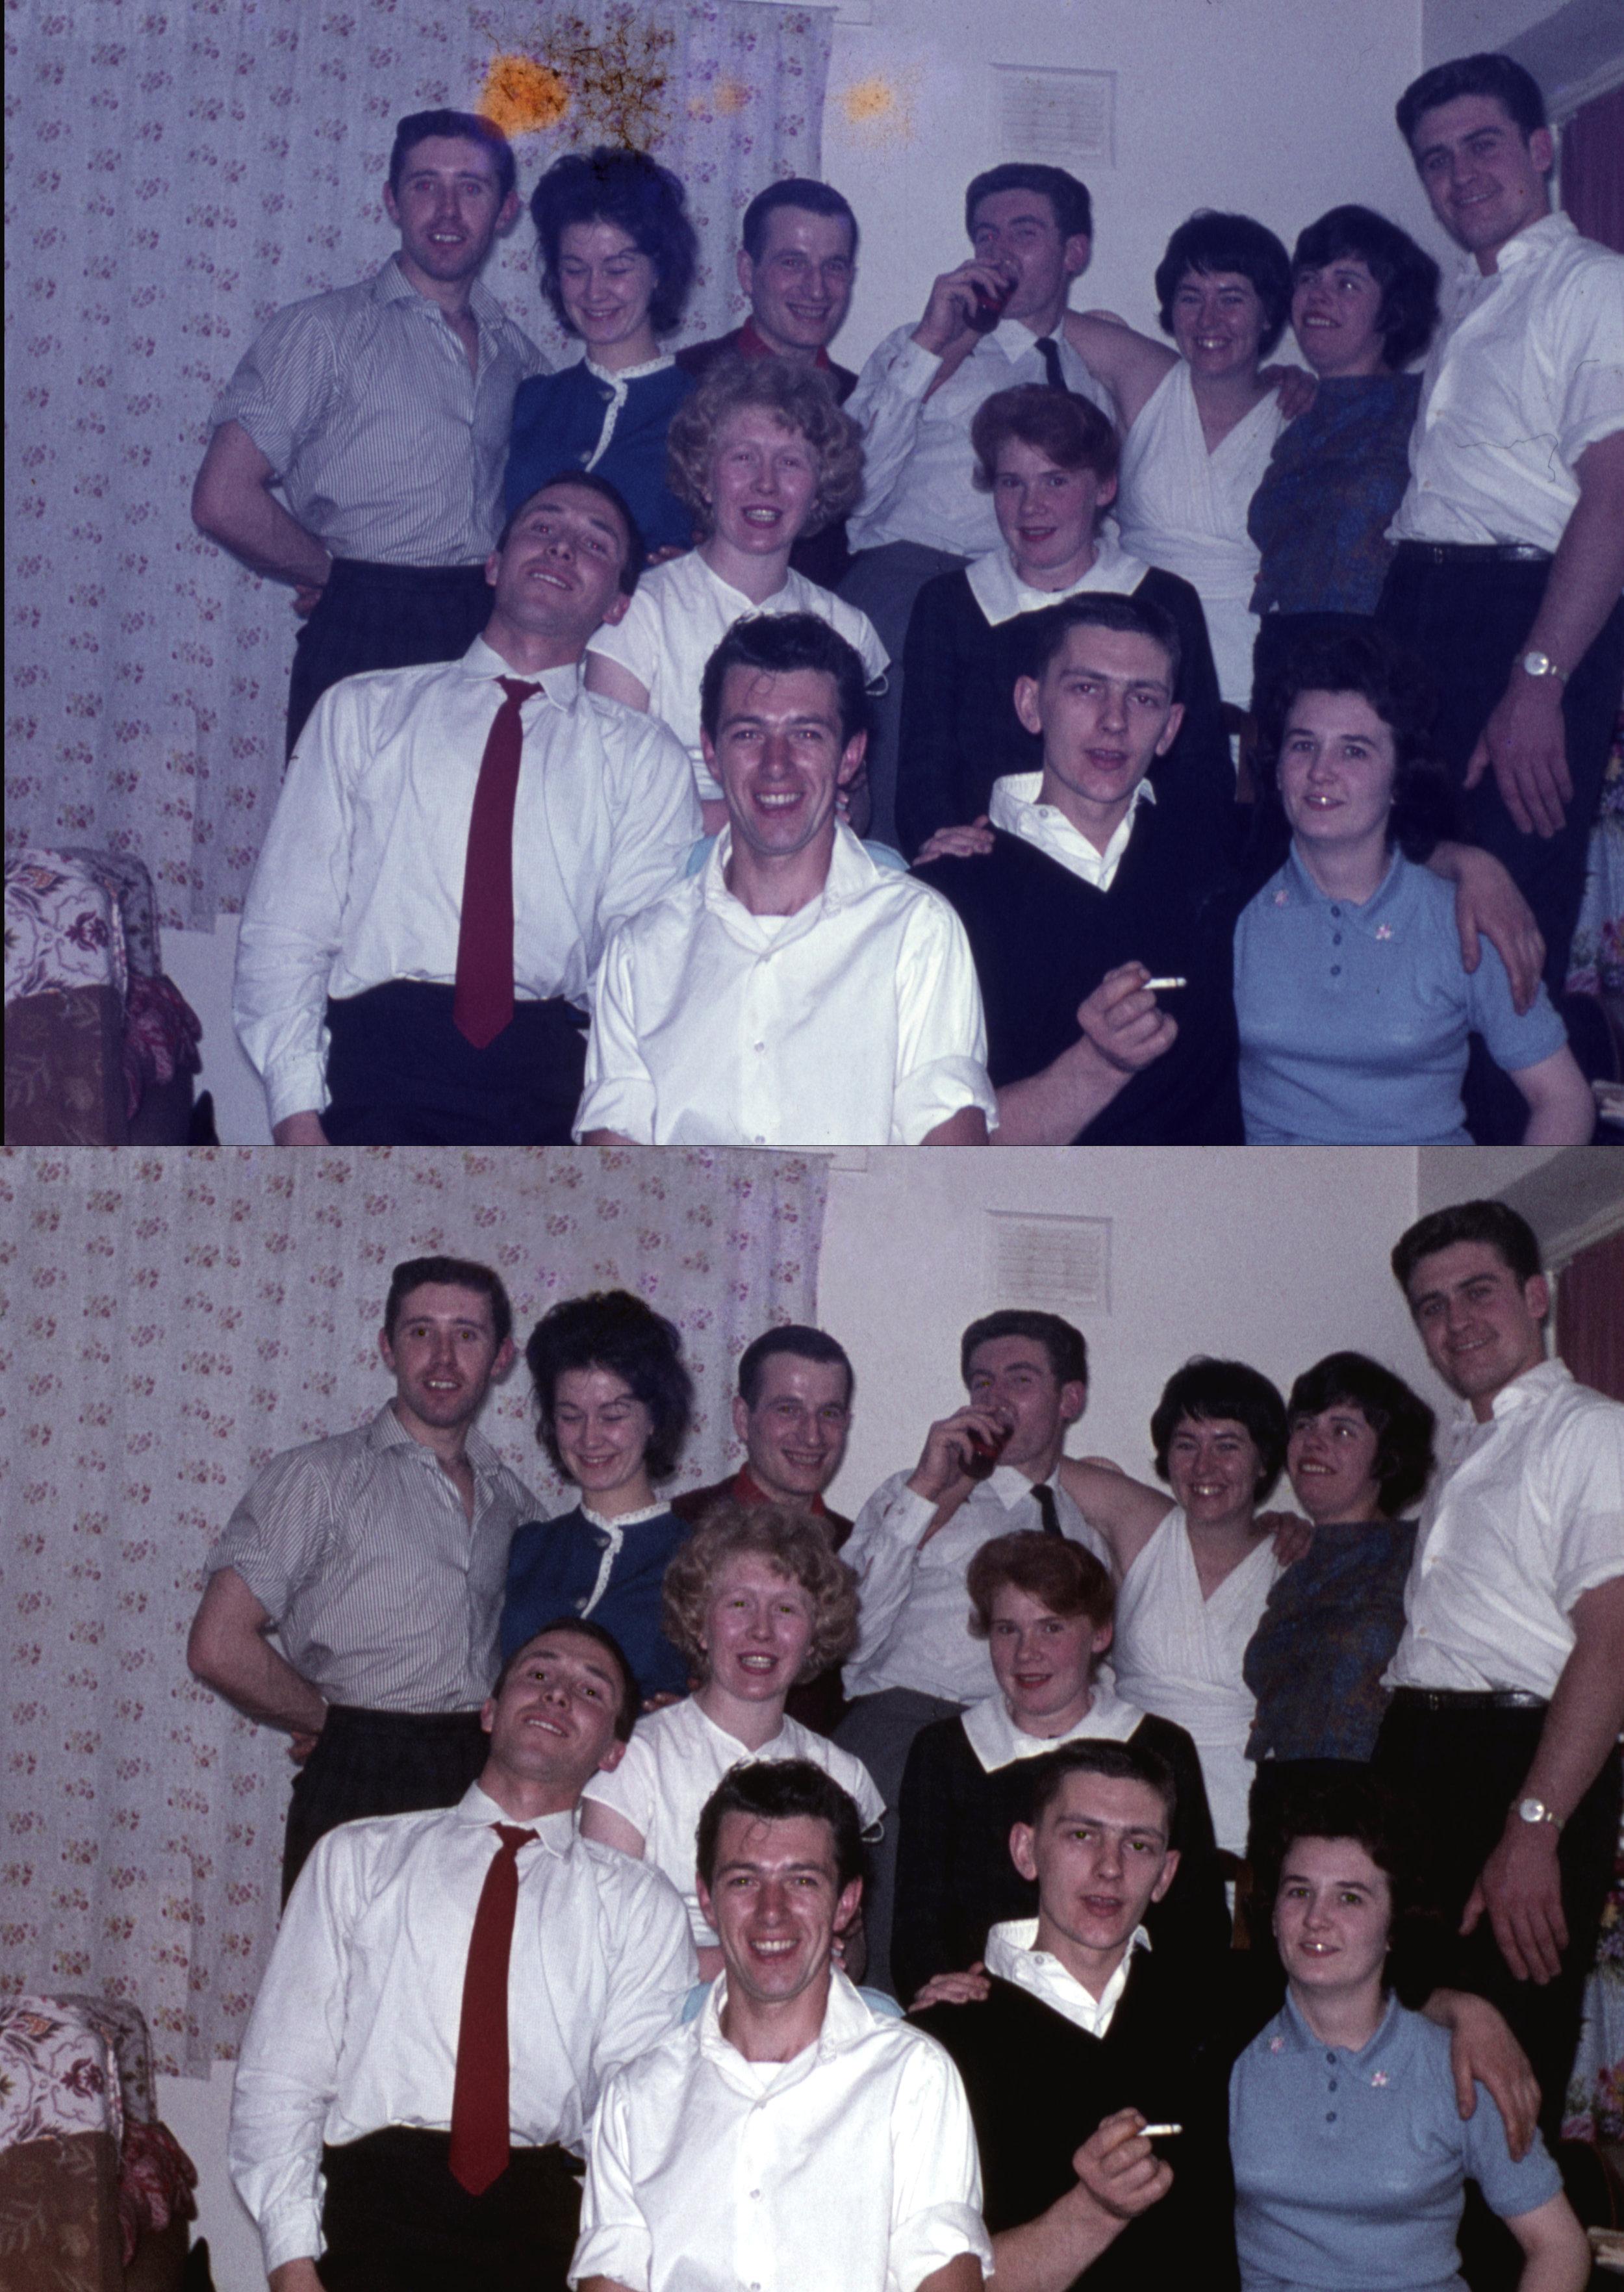 Party, ca 1965  - 35mm colour positive slide